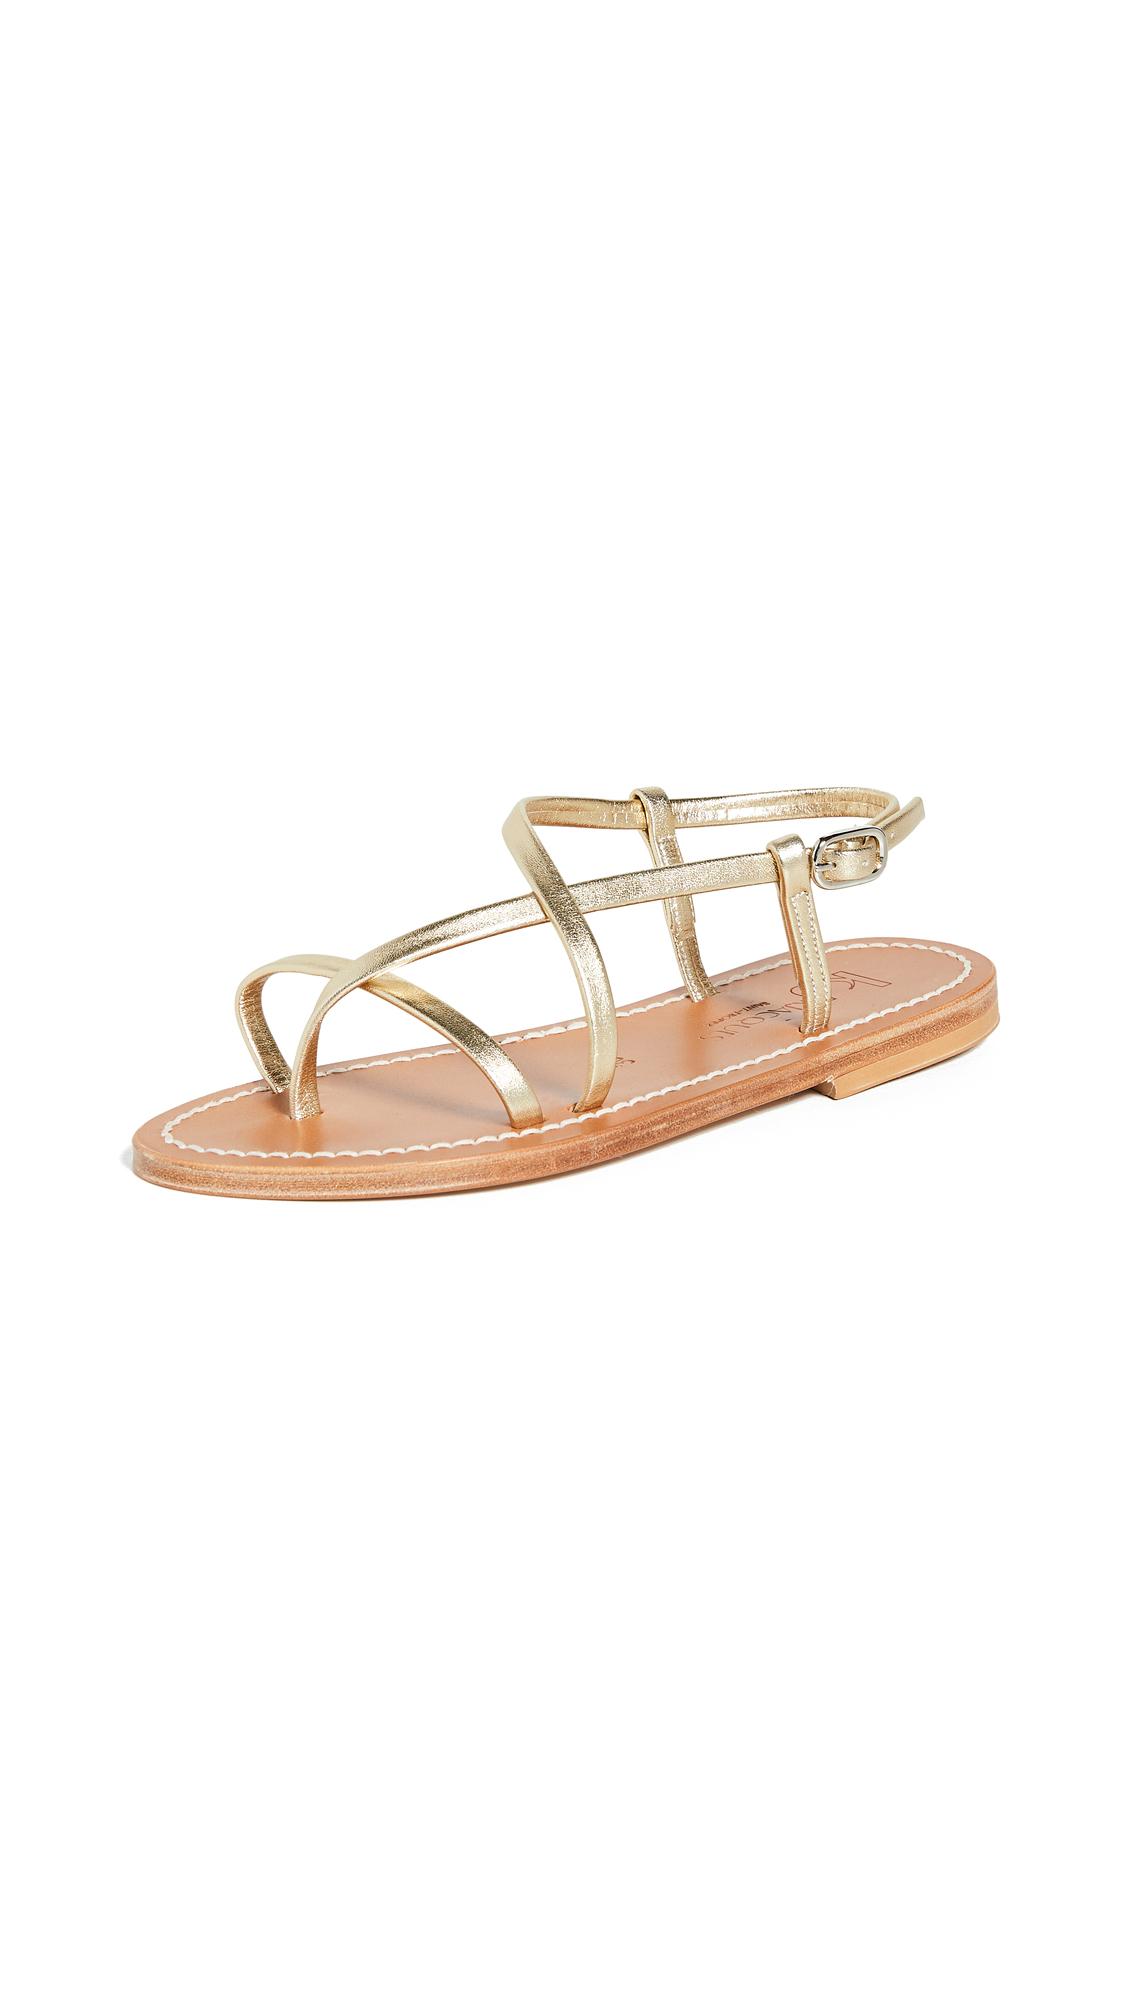 Buy K. Jacques Muse Sandals online, shop K. Jacques